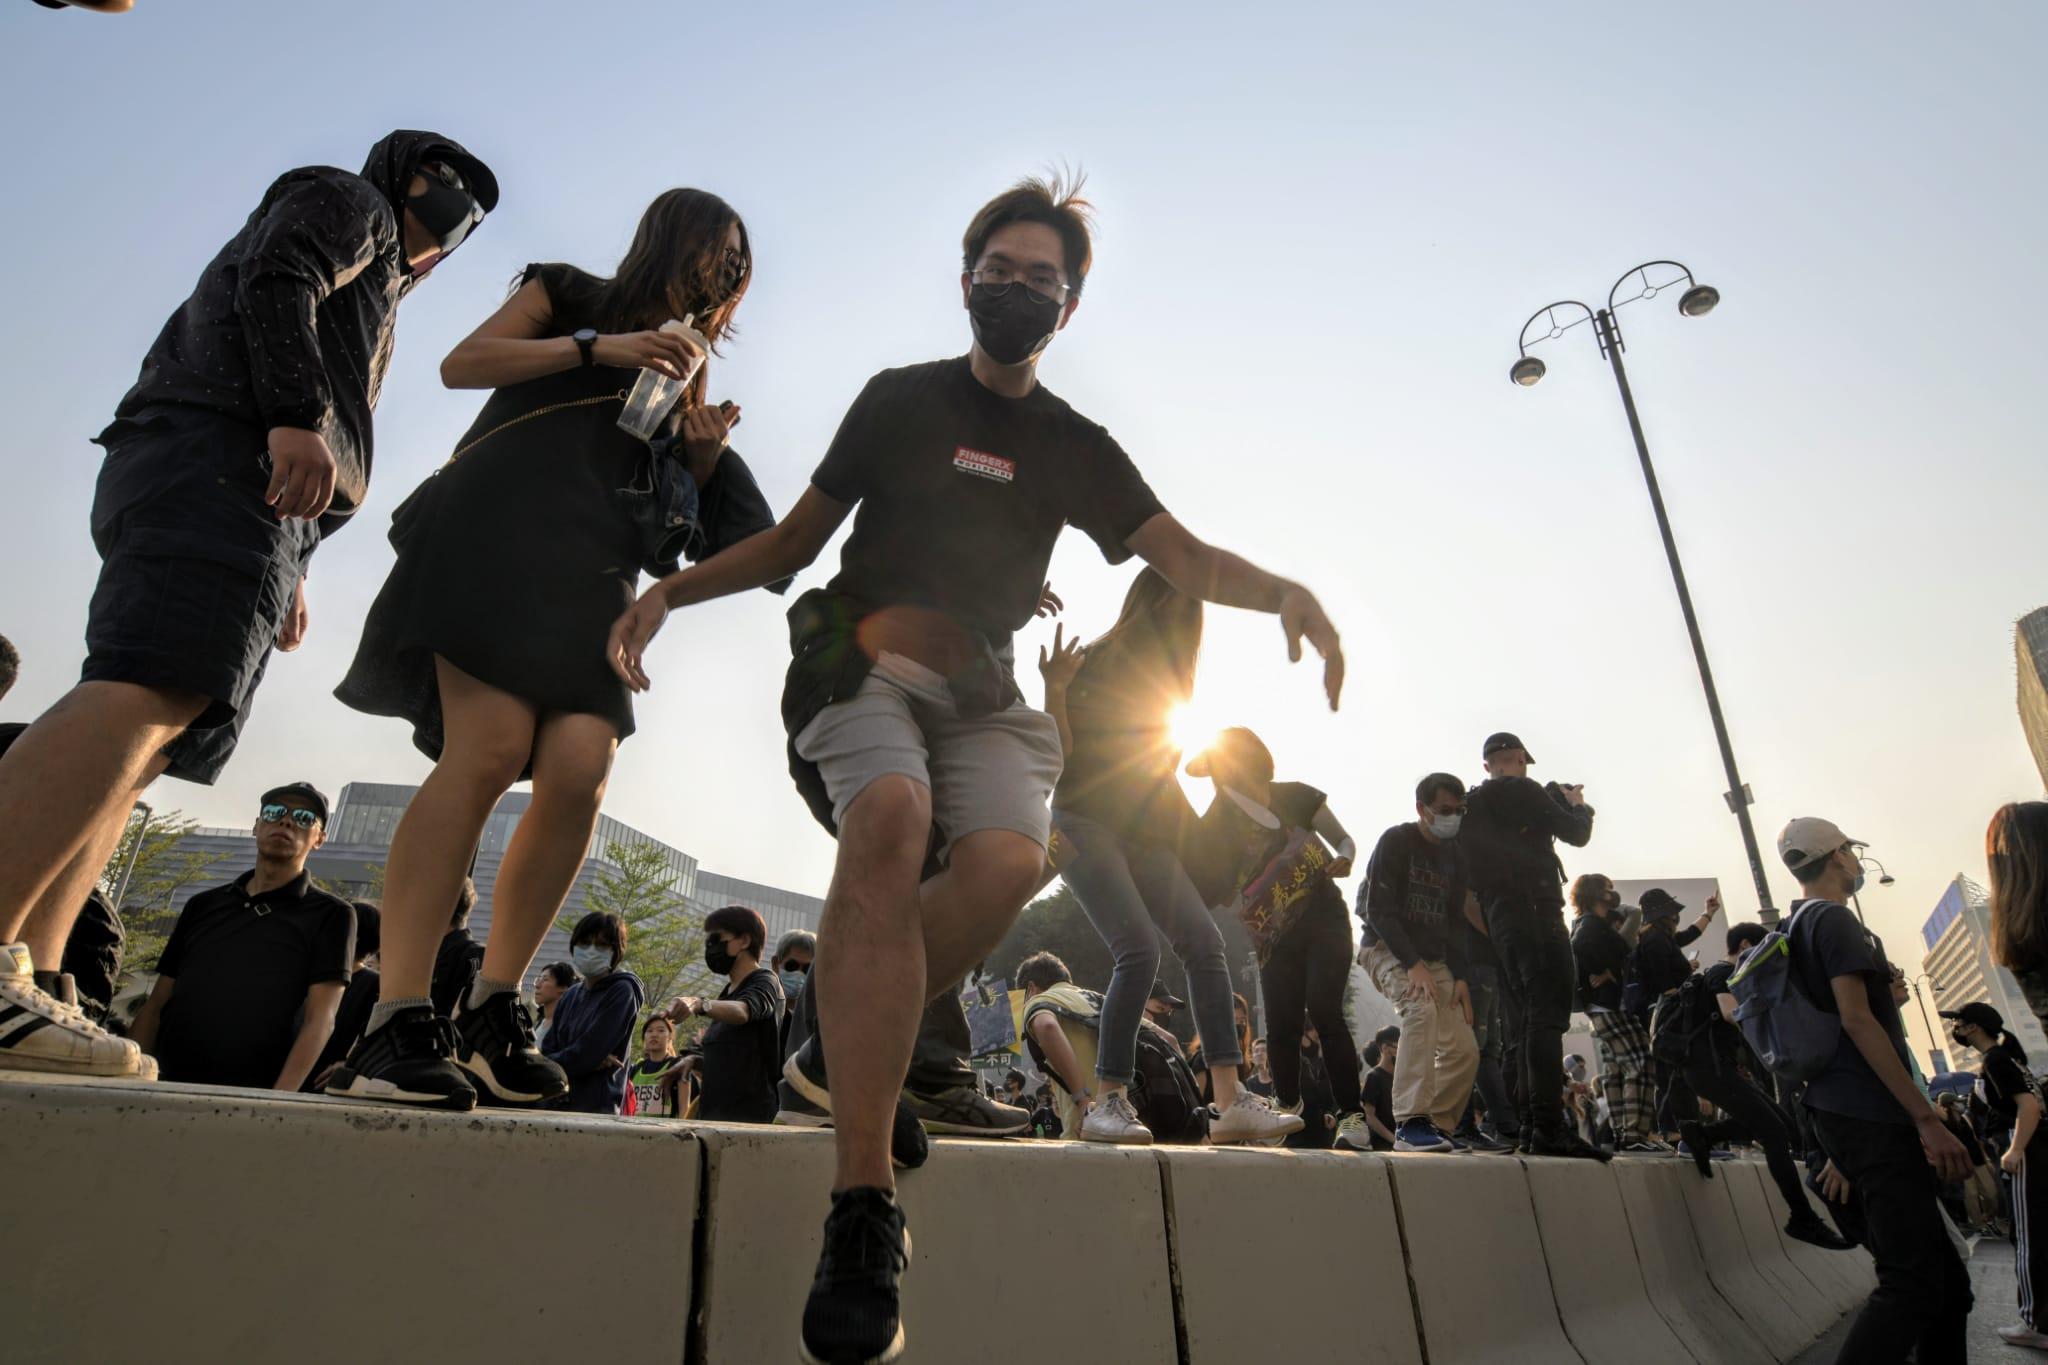 【修例风波】游行人士佔据弥敦道梳士巴利道 防暴警举蓝旗喷胡椒驱散